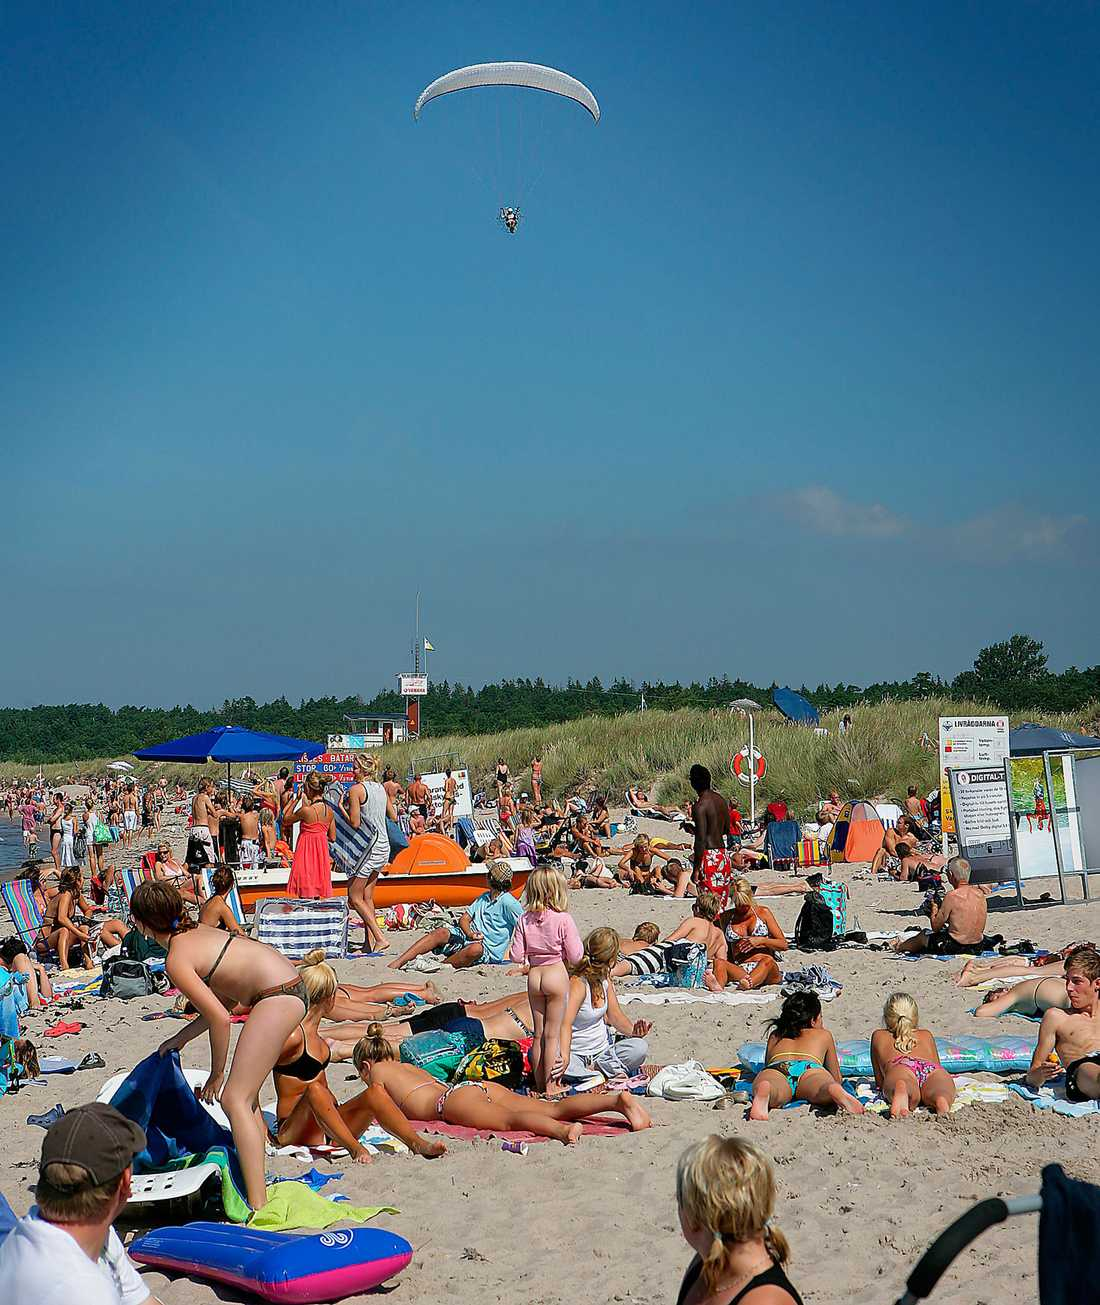 Tofta hör till de mest populära stränderna i Sverige.